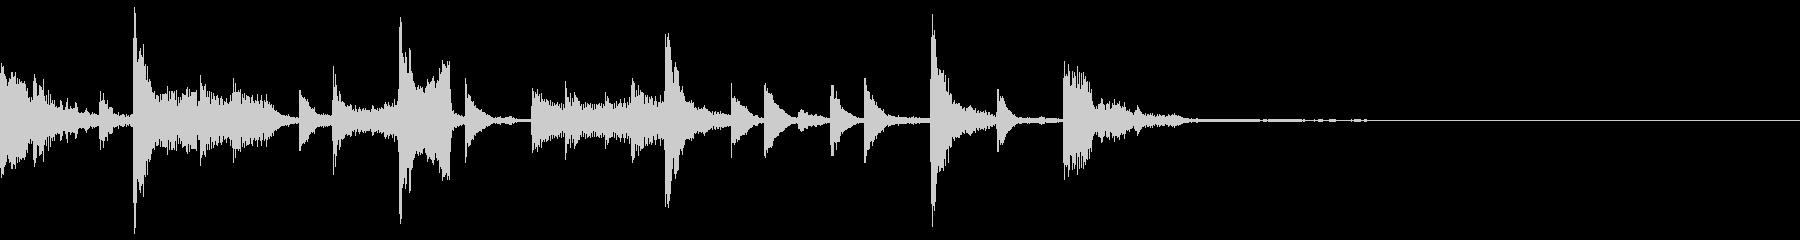 クイズのシンキングタイム的なジングルの未再生の波形